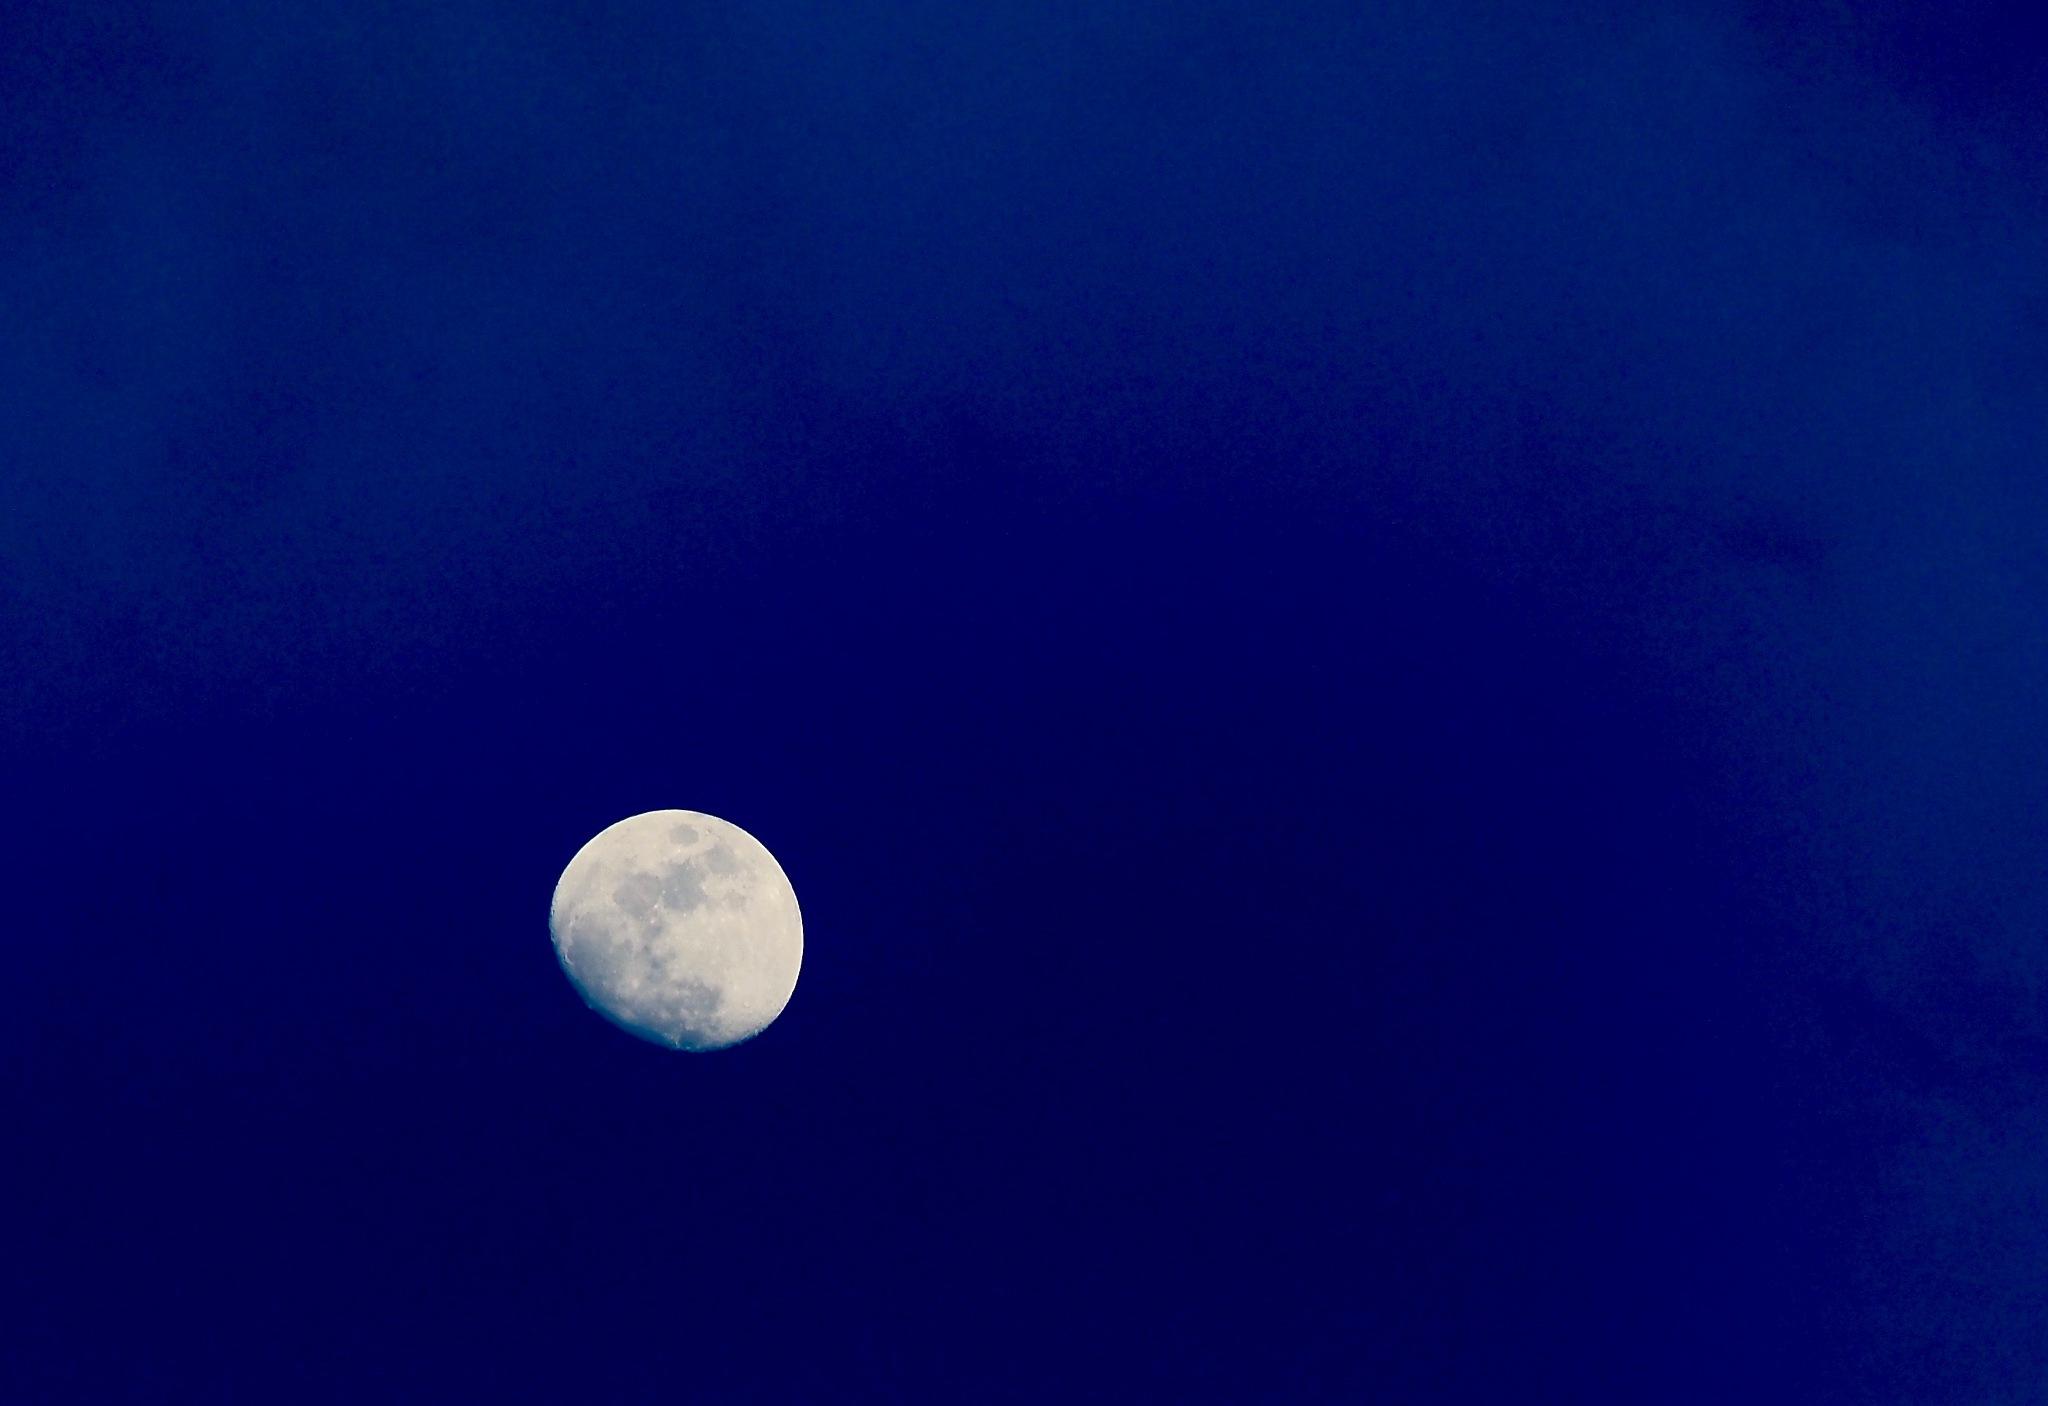 Mond by heinzbanger